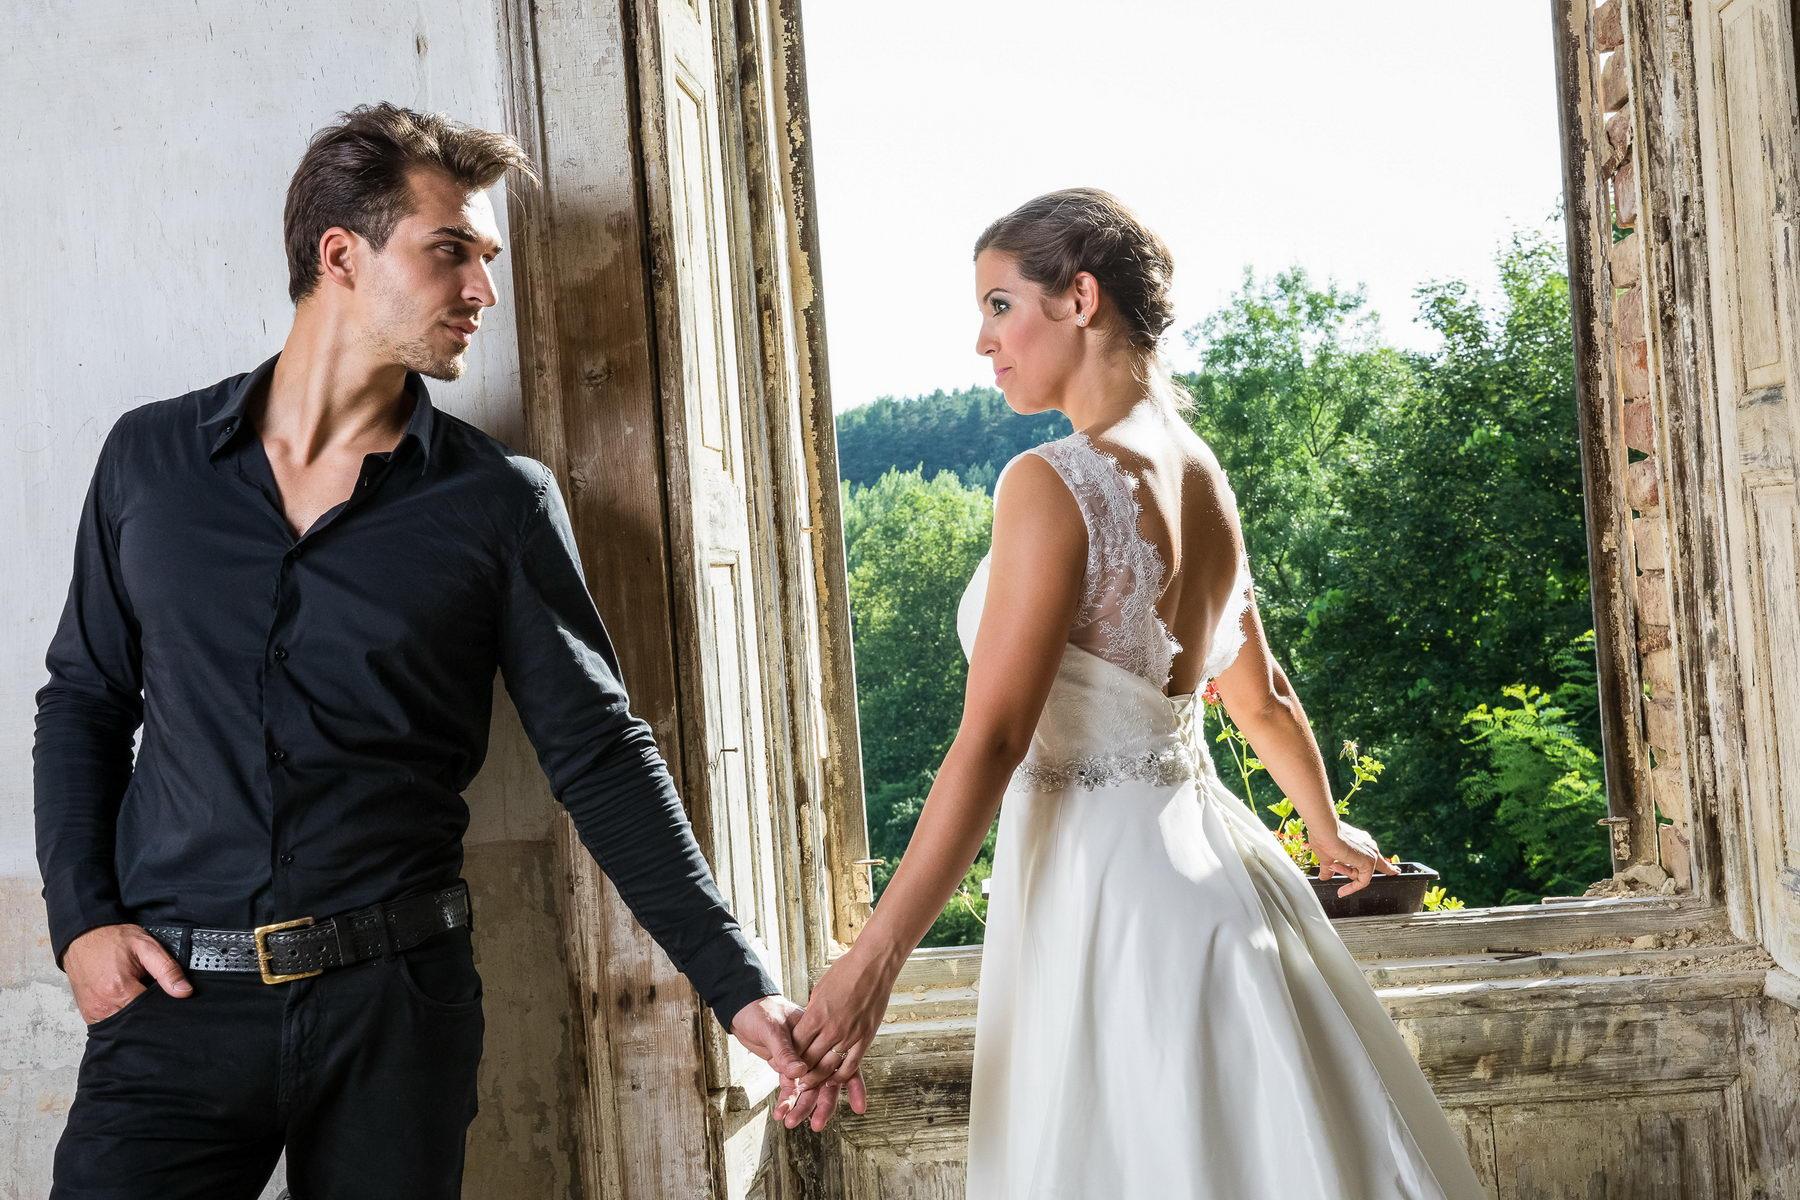 Örökítse meg esküvőjét egy életre!